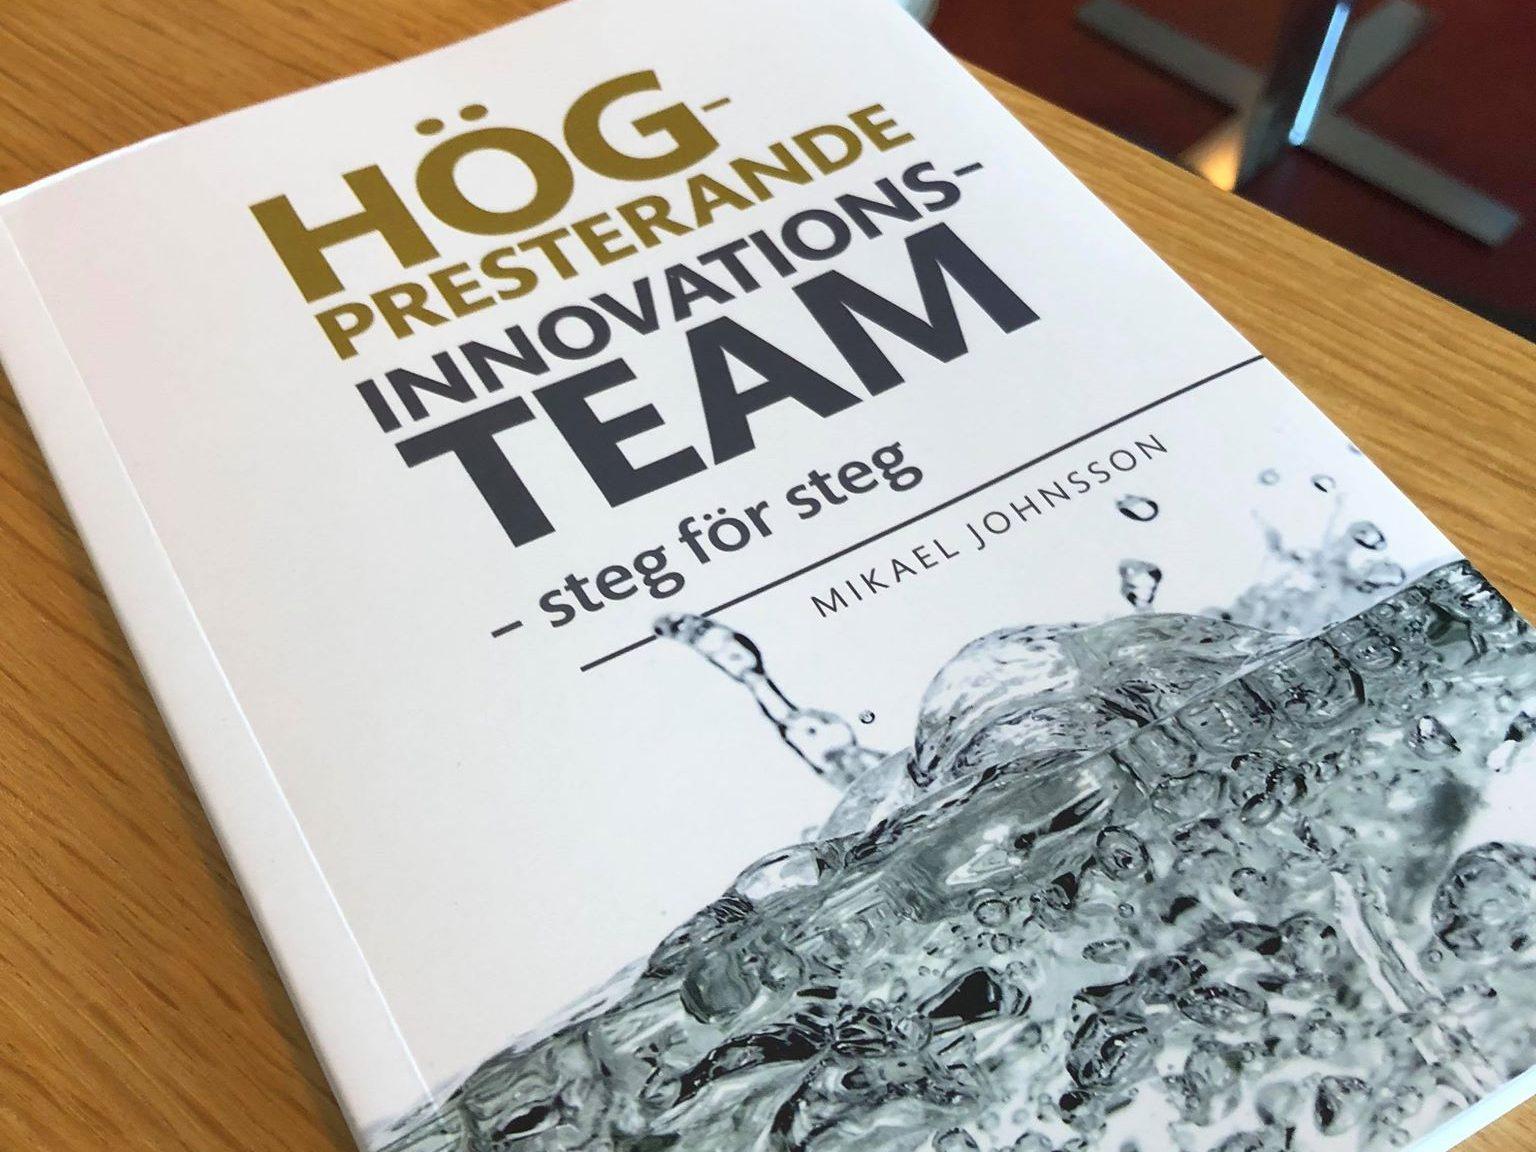 Högpresterande innovationsteam – Ny bok från Mikael Johnsson